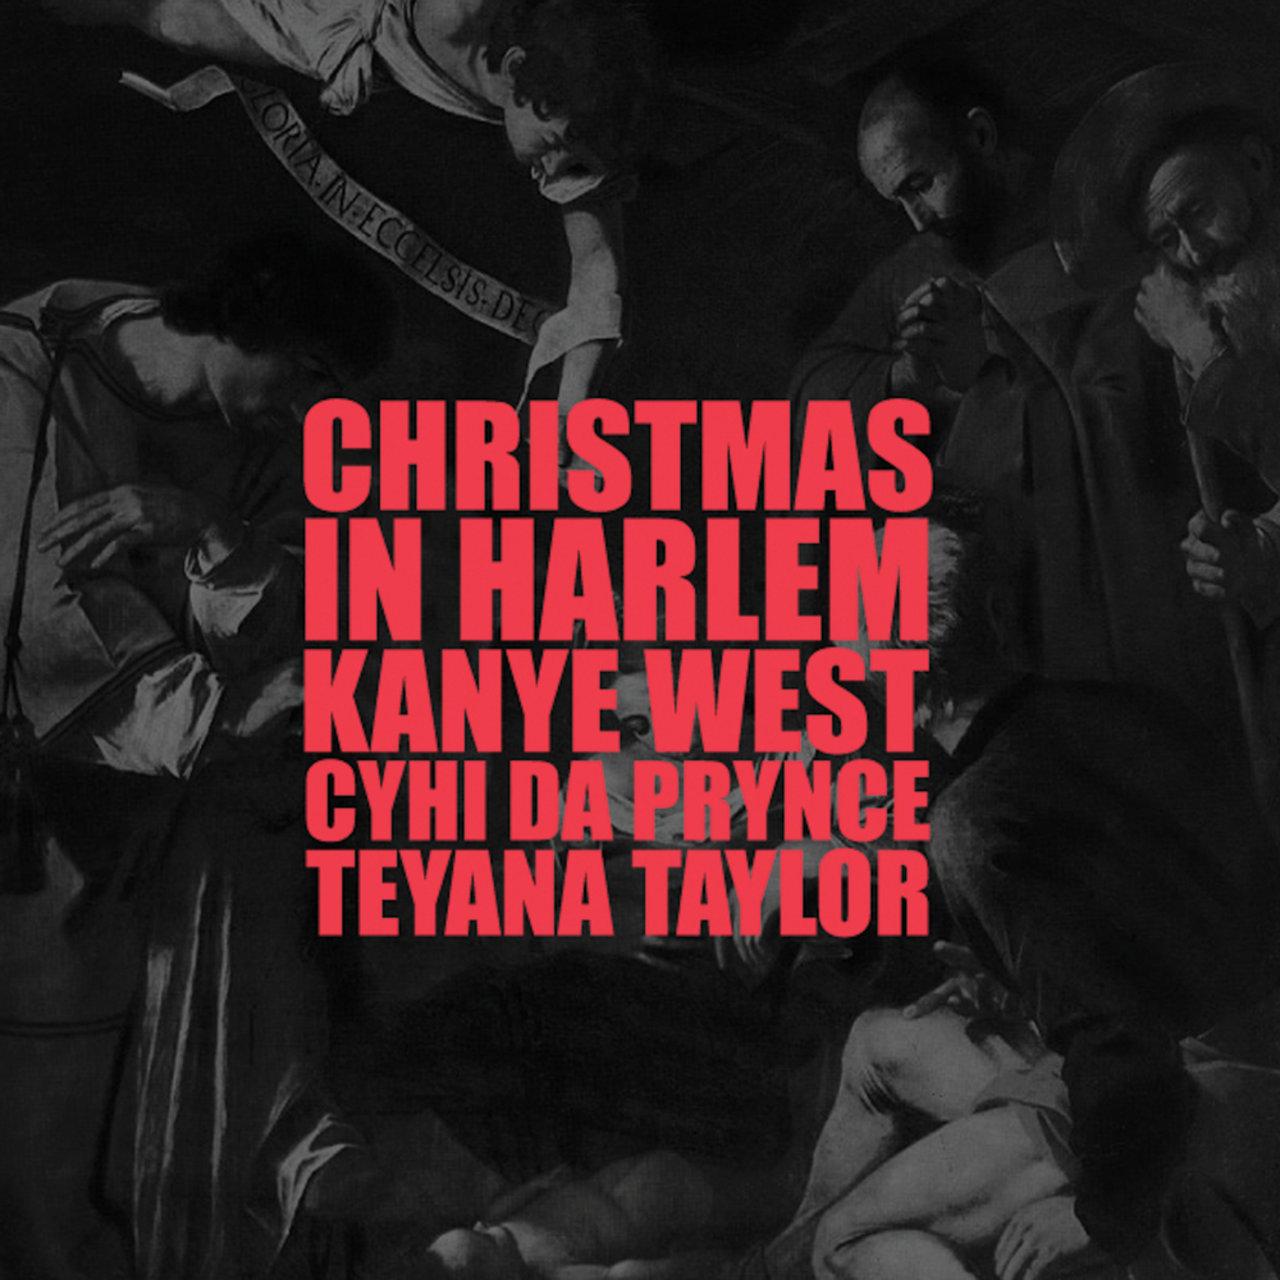 TIDAL: Listen to Christmas In Harlem on TIDAL